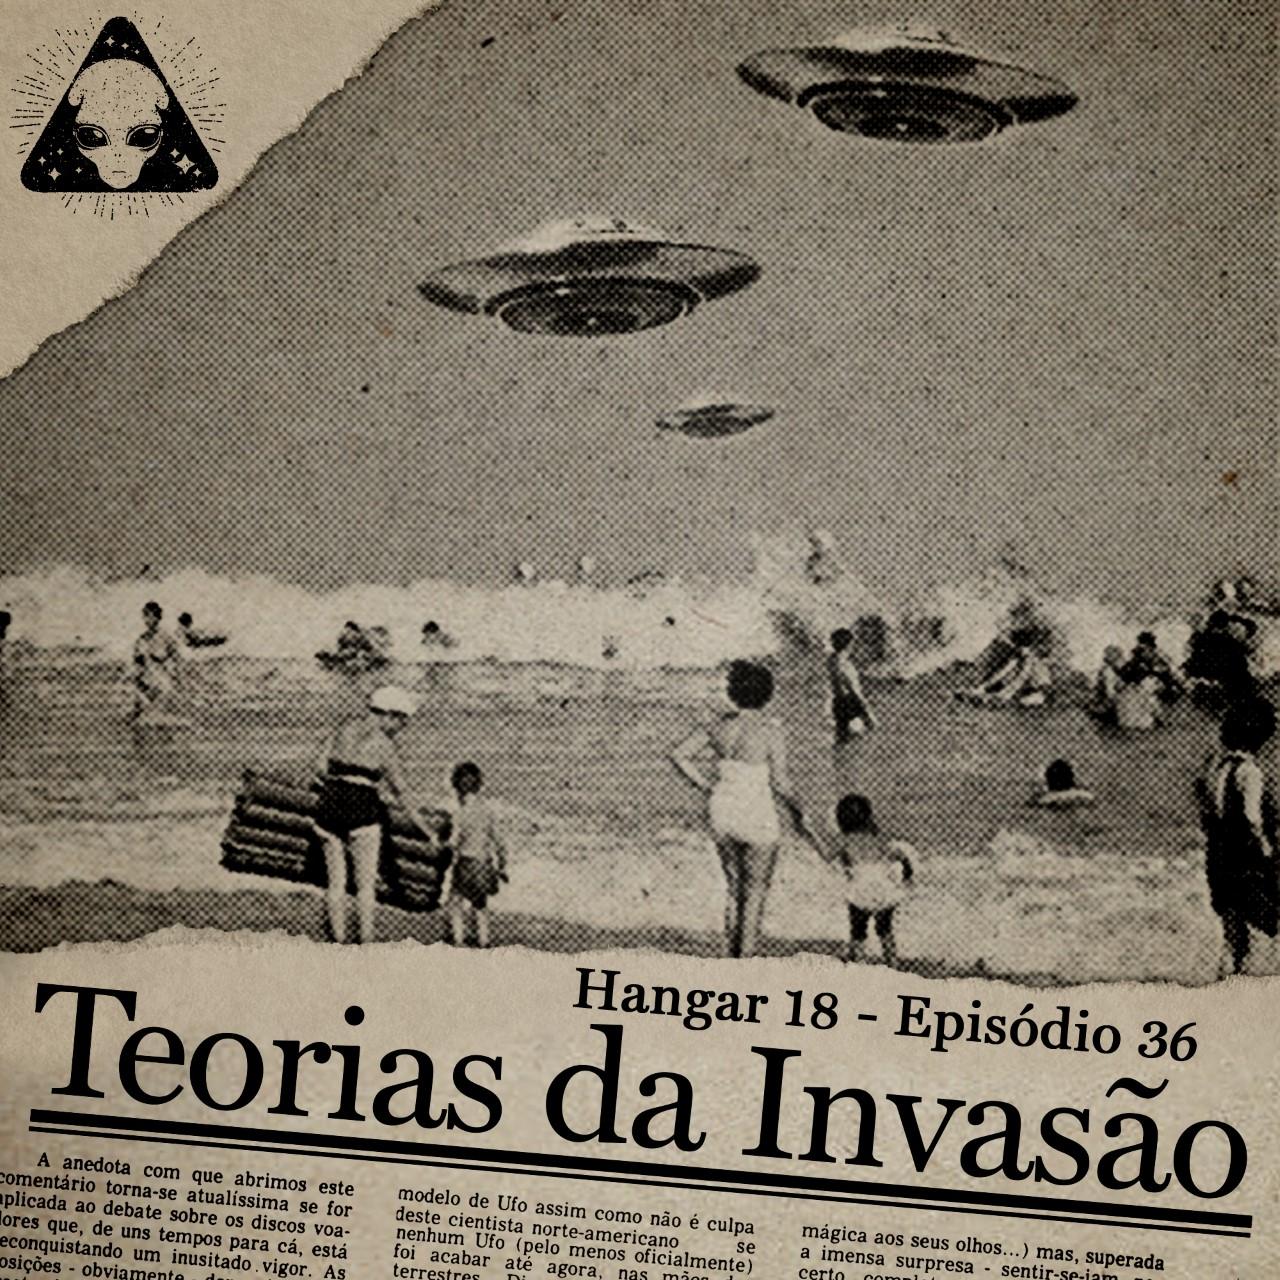 E36 Hangar 18 - Ep 036 - Teorias da Invasão